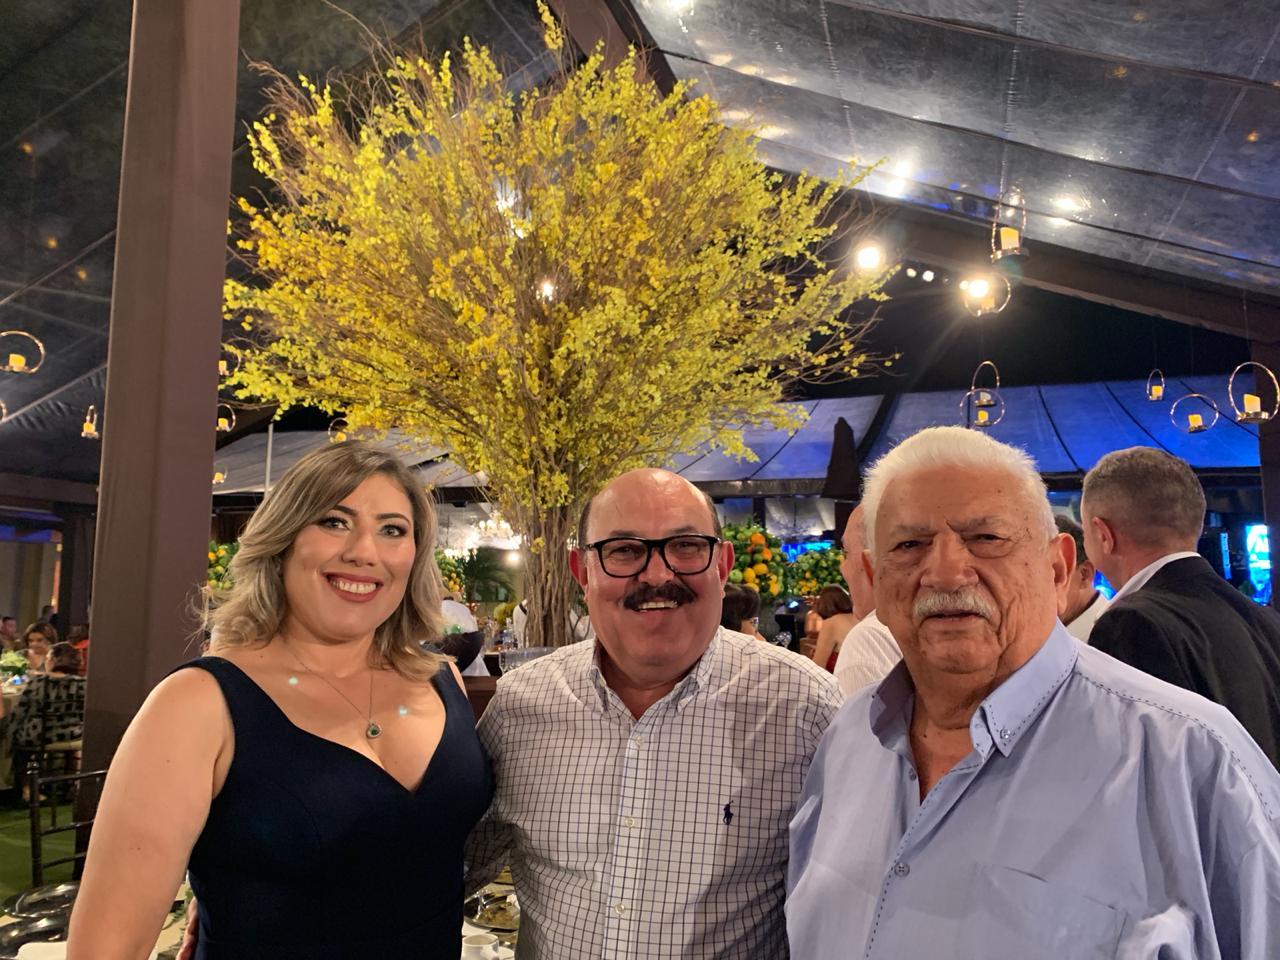 WhatsApp Image 2019 09 22 at 10.04.42 - Políticos e empresários comemoram os 90 anos de Zé Cavalcanti, em Cajazeiras - VEJA FOTOS E VÍDEOS